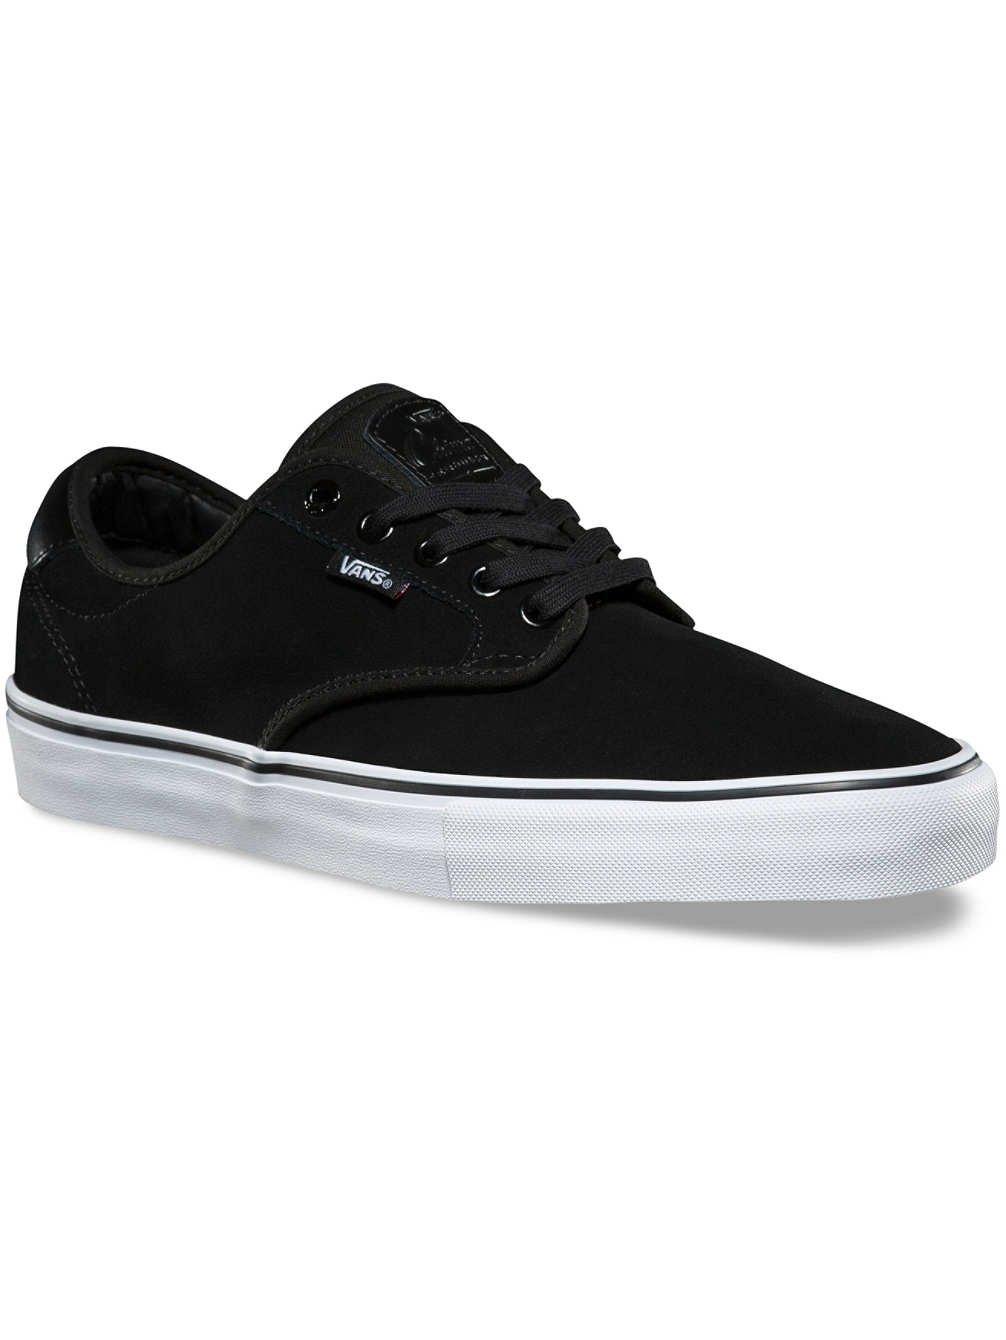 Vans AUTHENTIC, Unisex-Erwachsene Sneakers  42|(suede) black/white